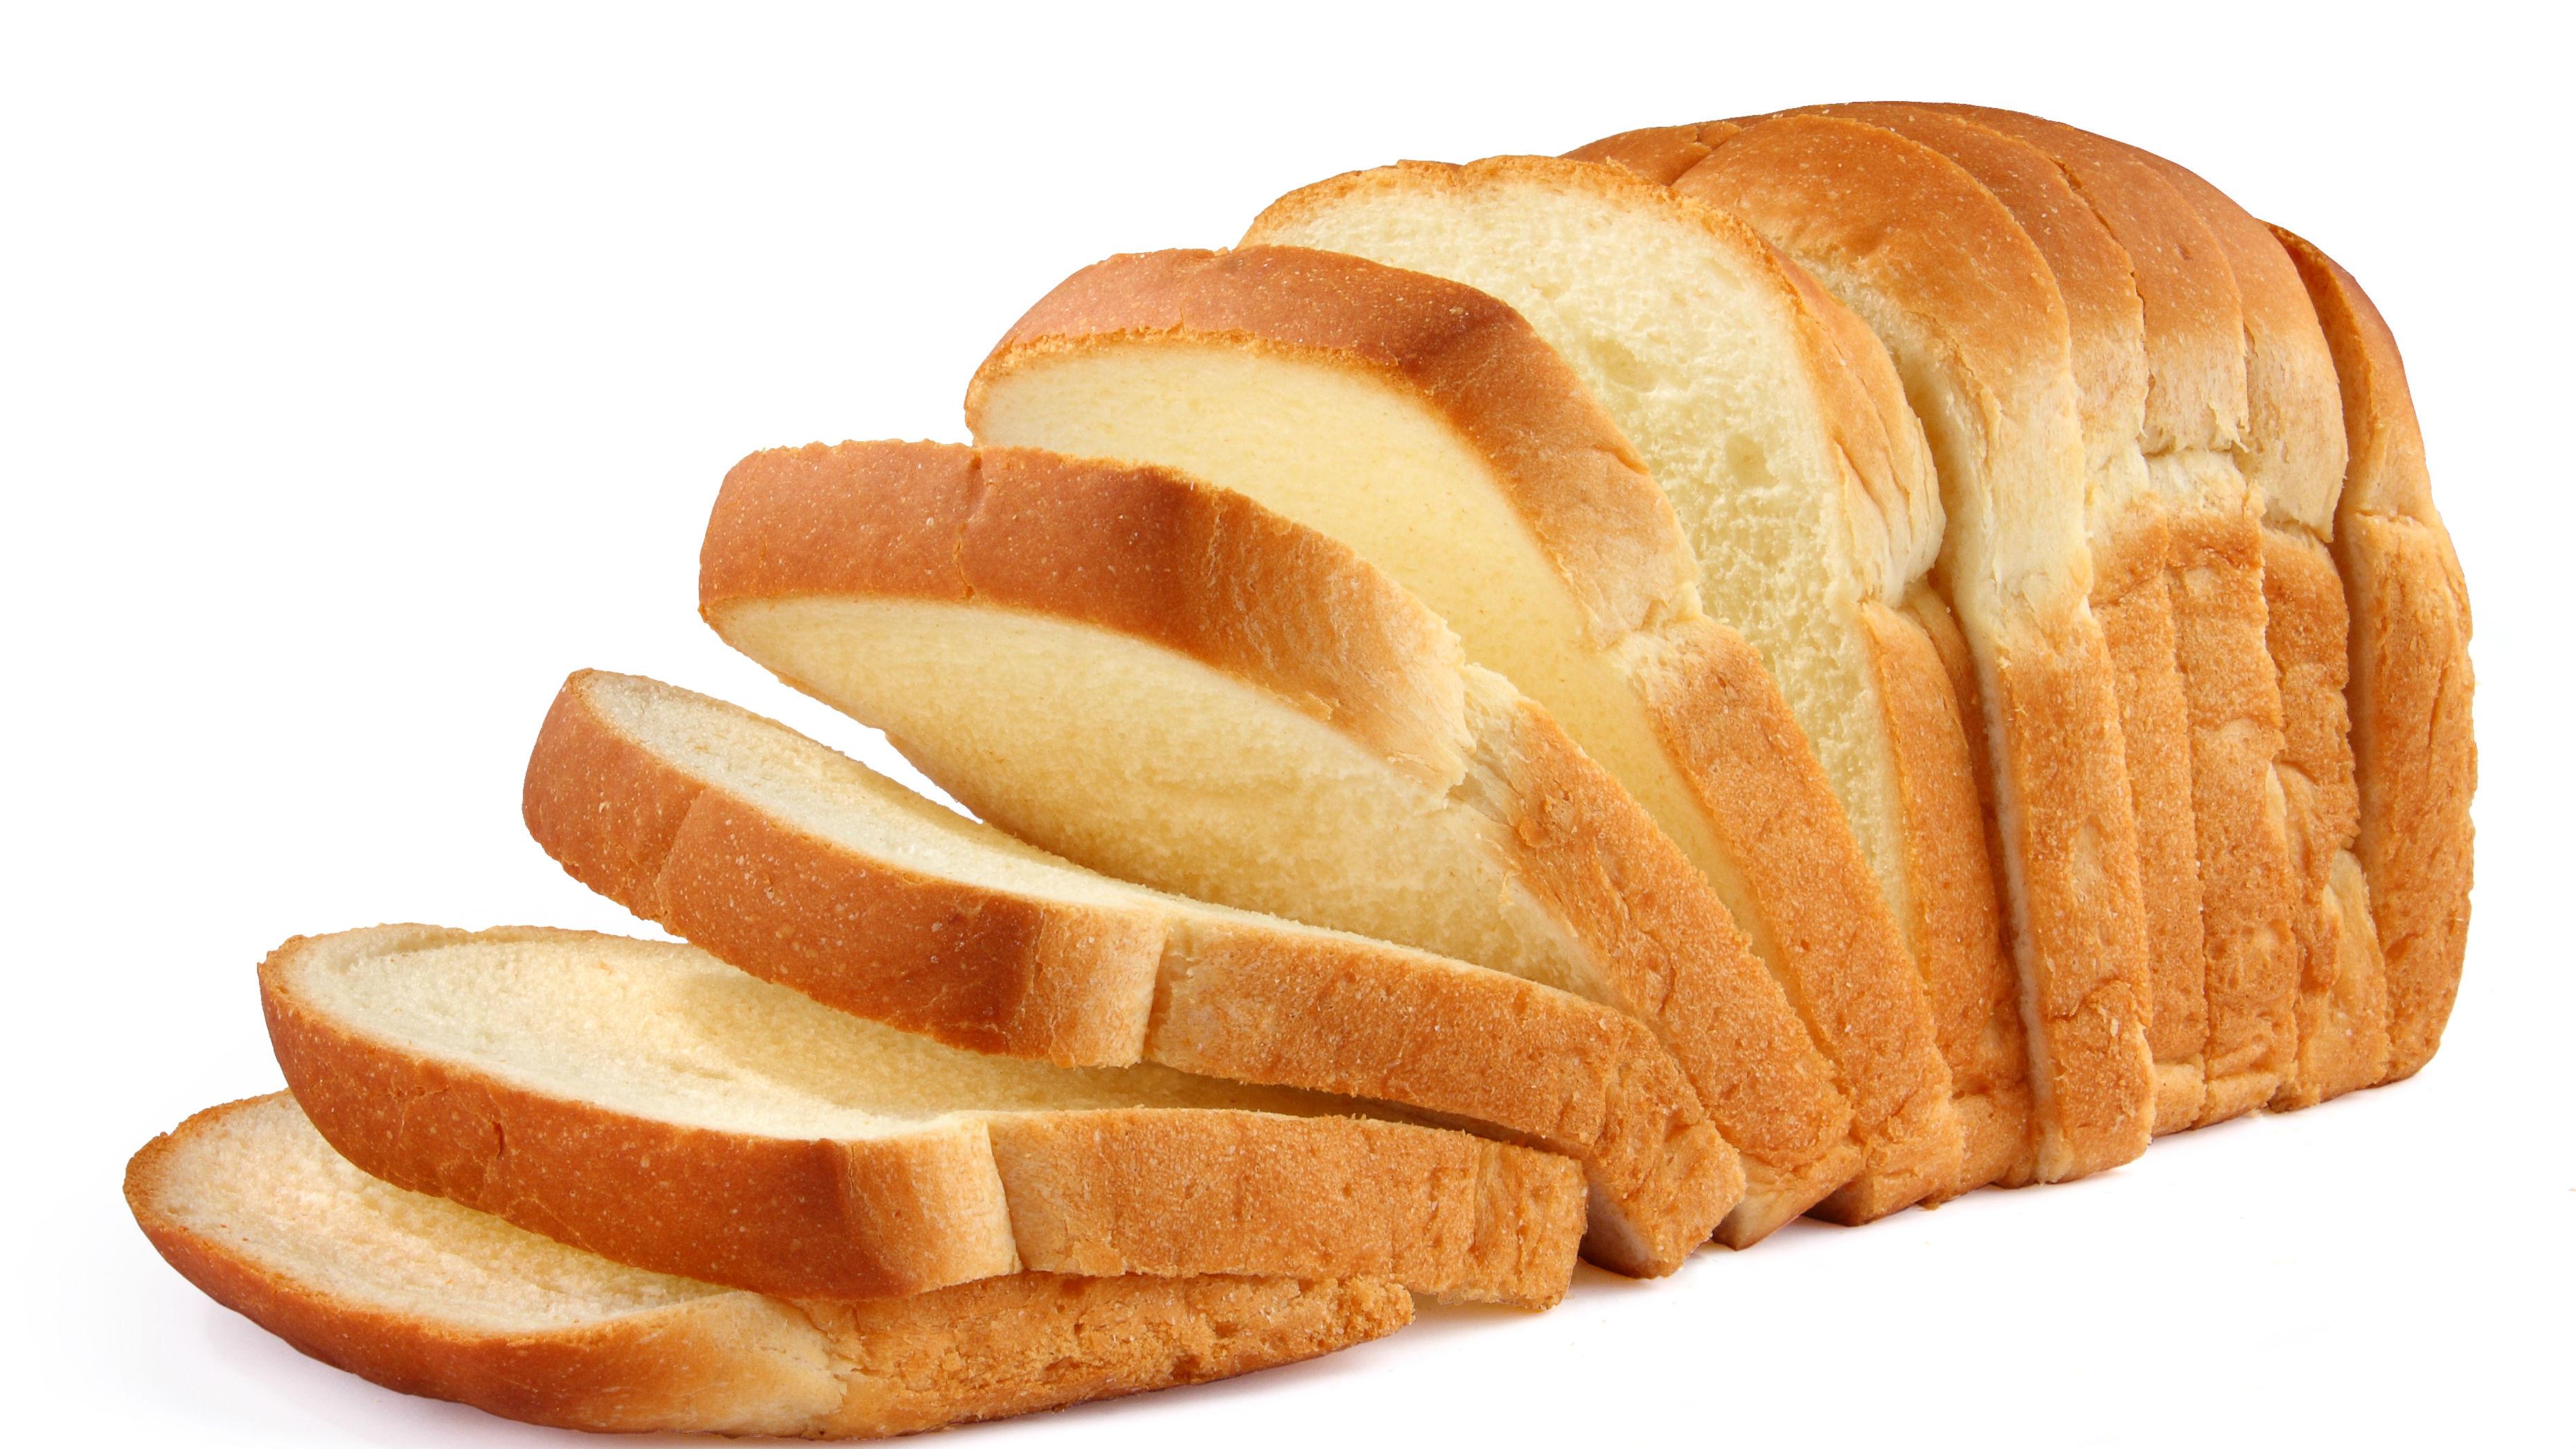 cara membuat roti tawar isi selai coklat